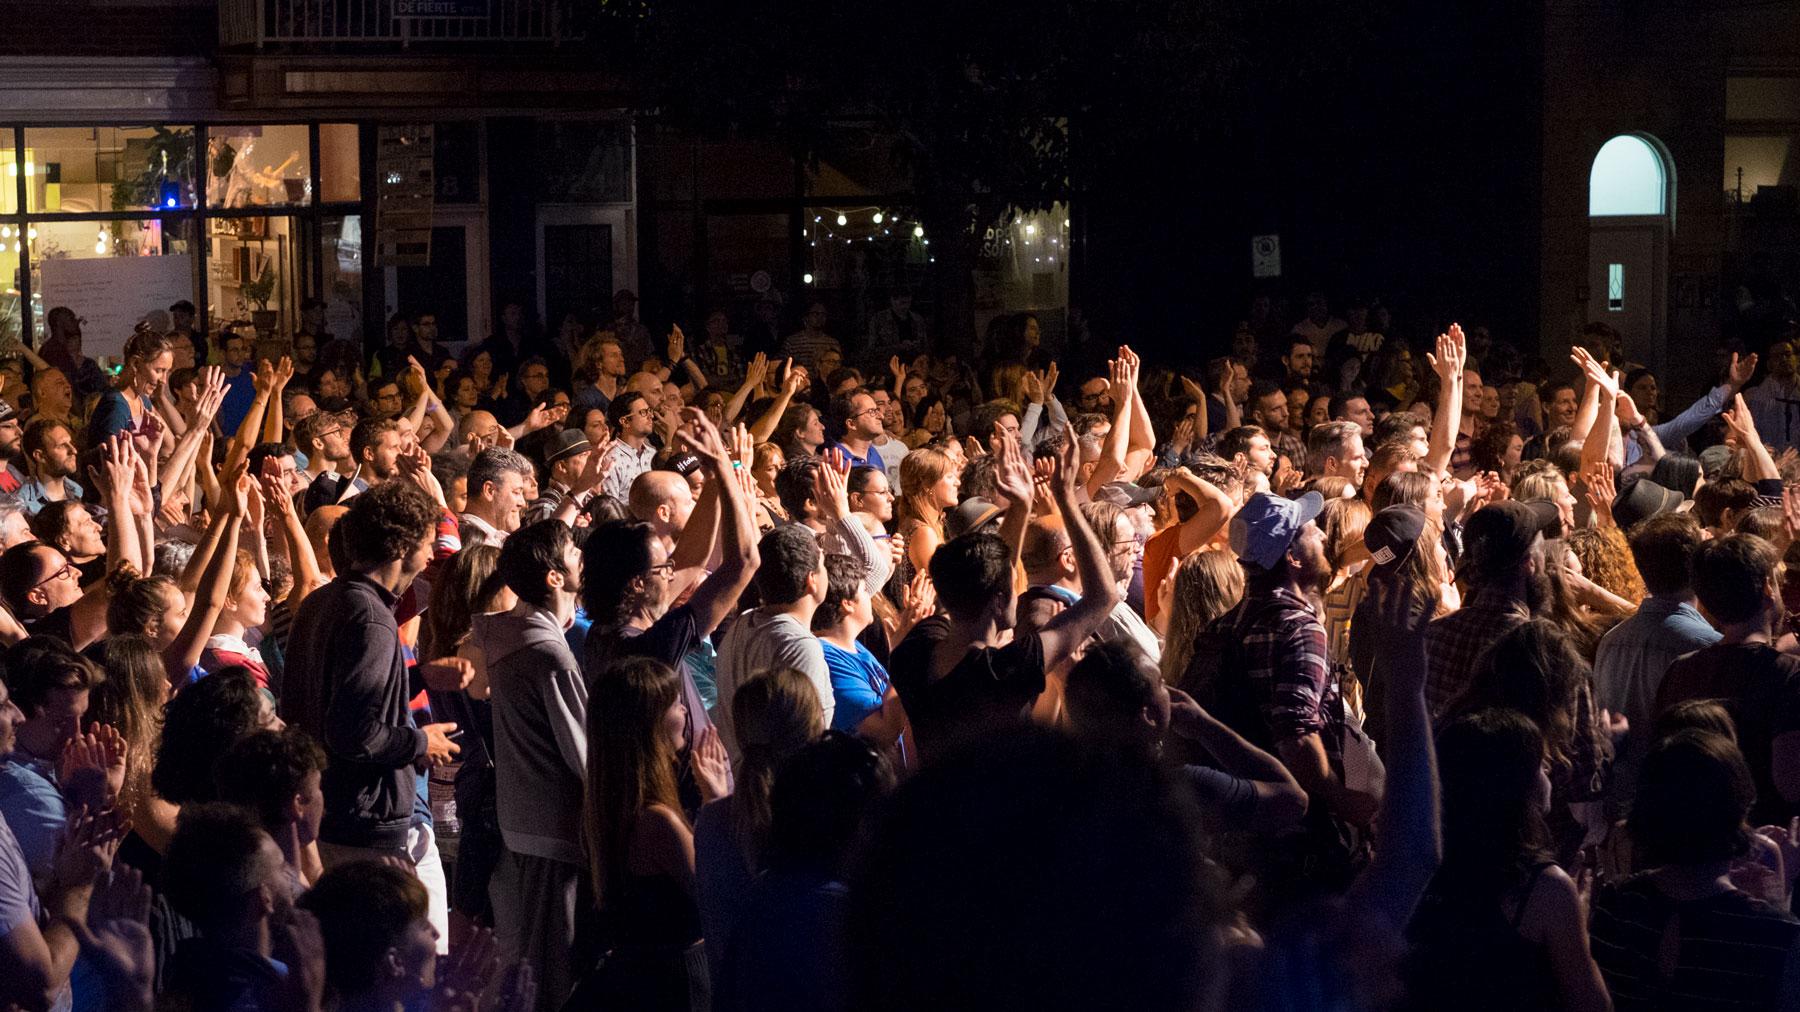 La foule réunie par une chaude journée d'été rue de Castelnau.